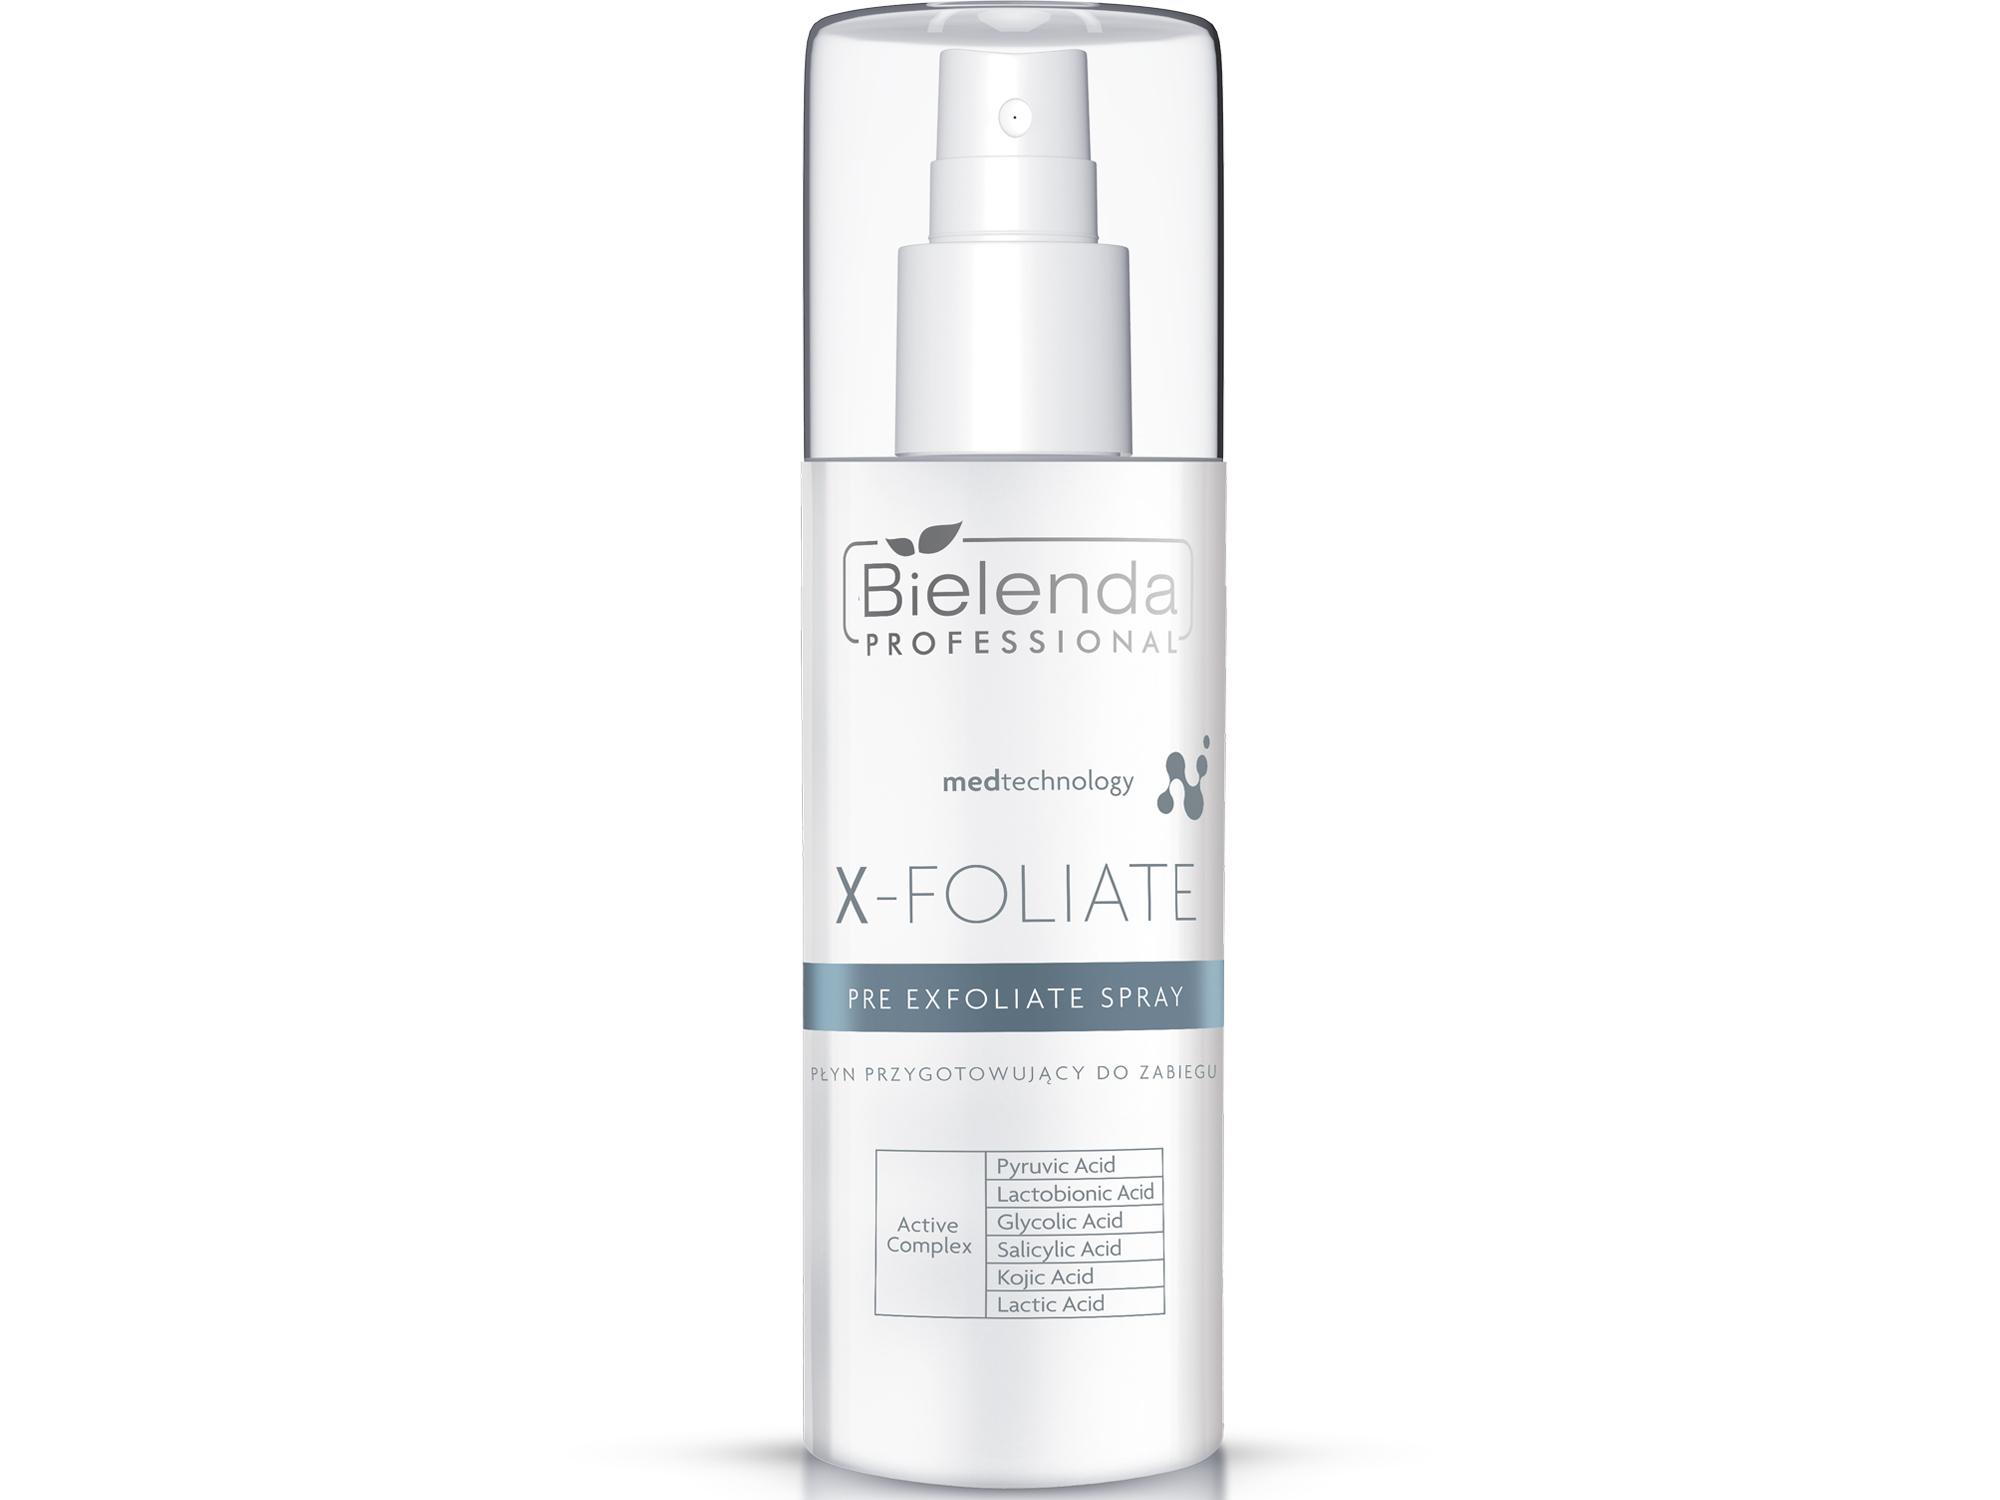 X-FOLIATE Pre Exfoliate Spray - Обезжириватель для лица (предварительная подготовка)